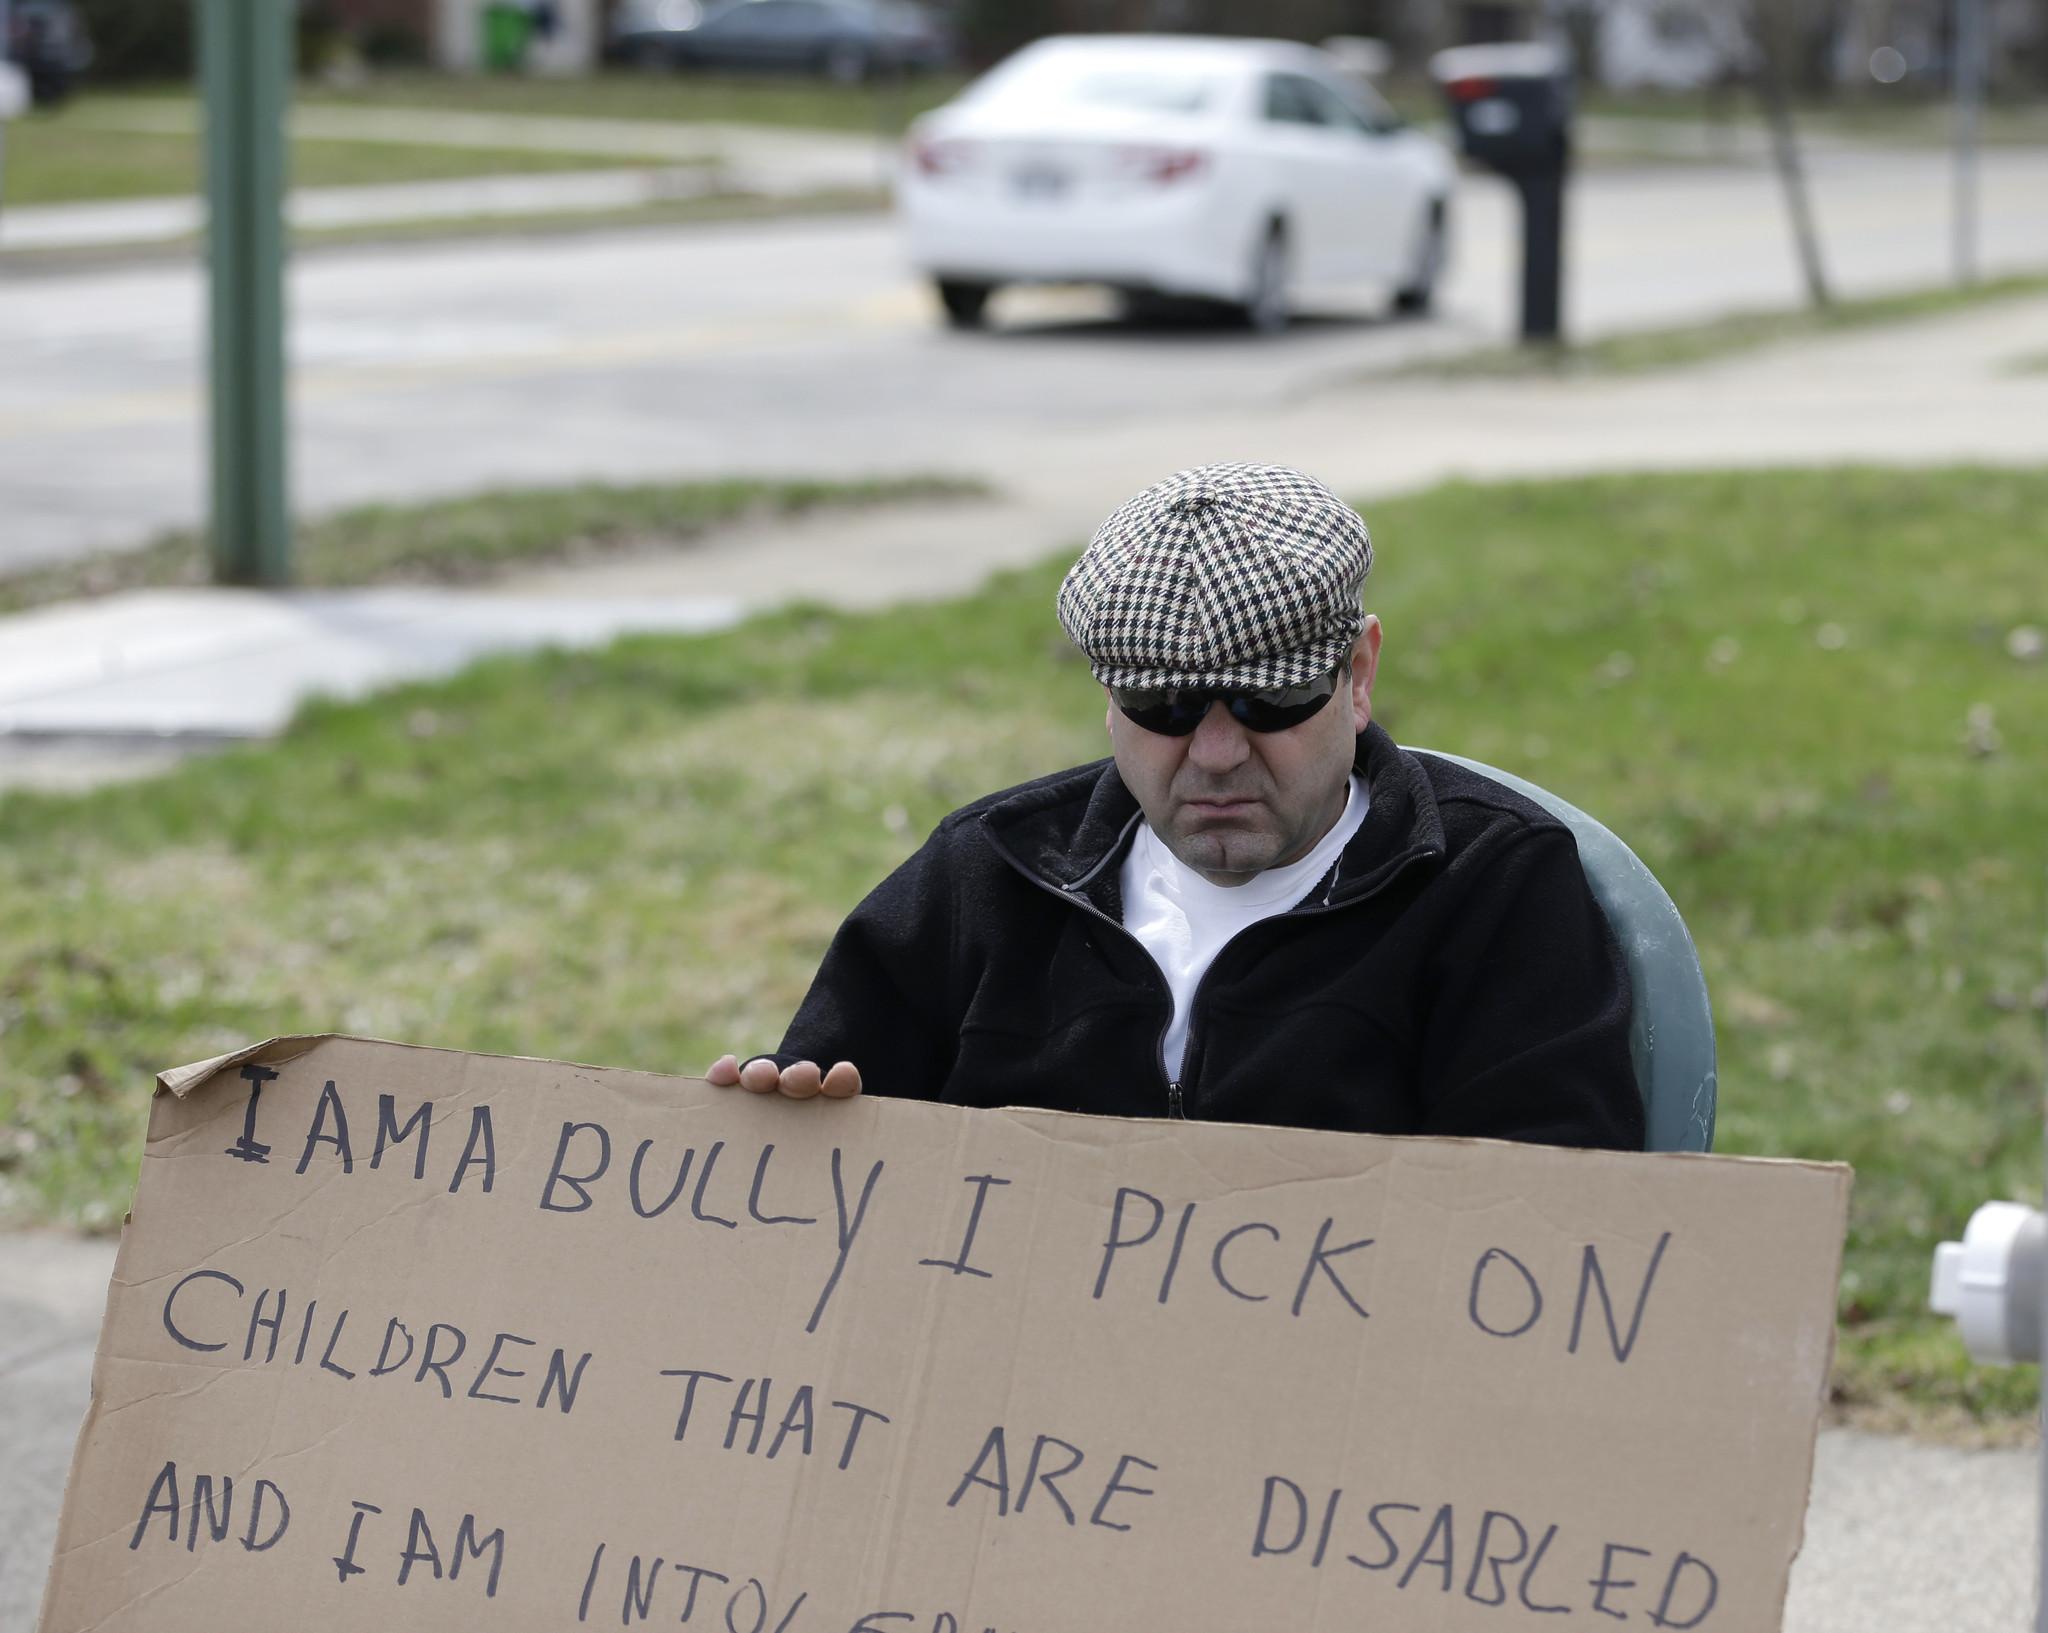 Is public shaming fair punishment?